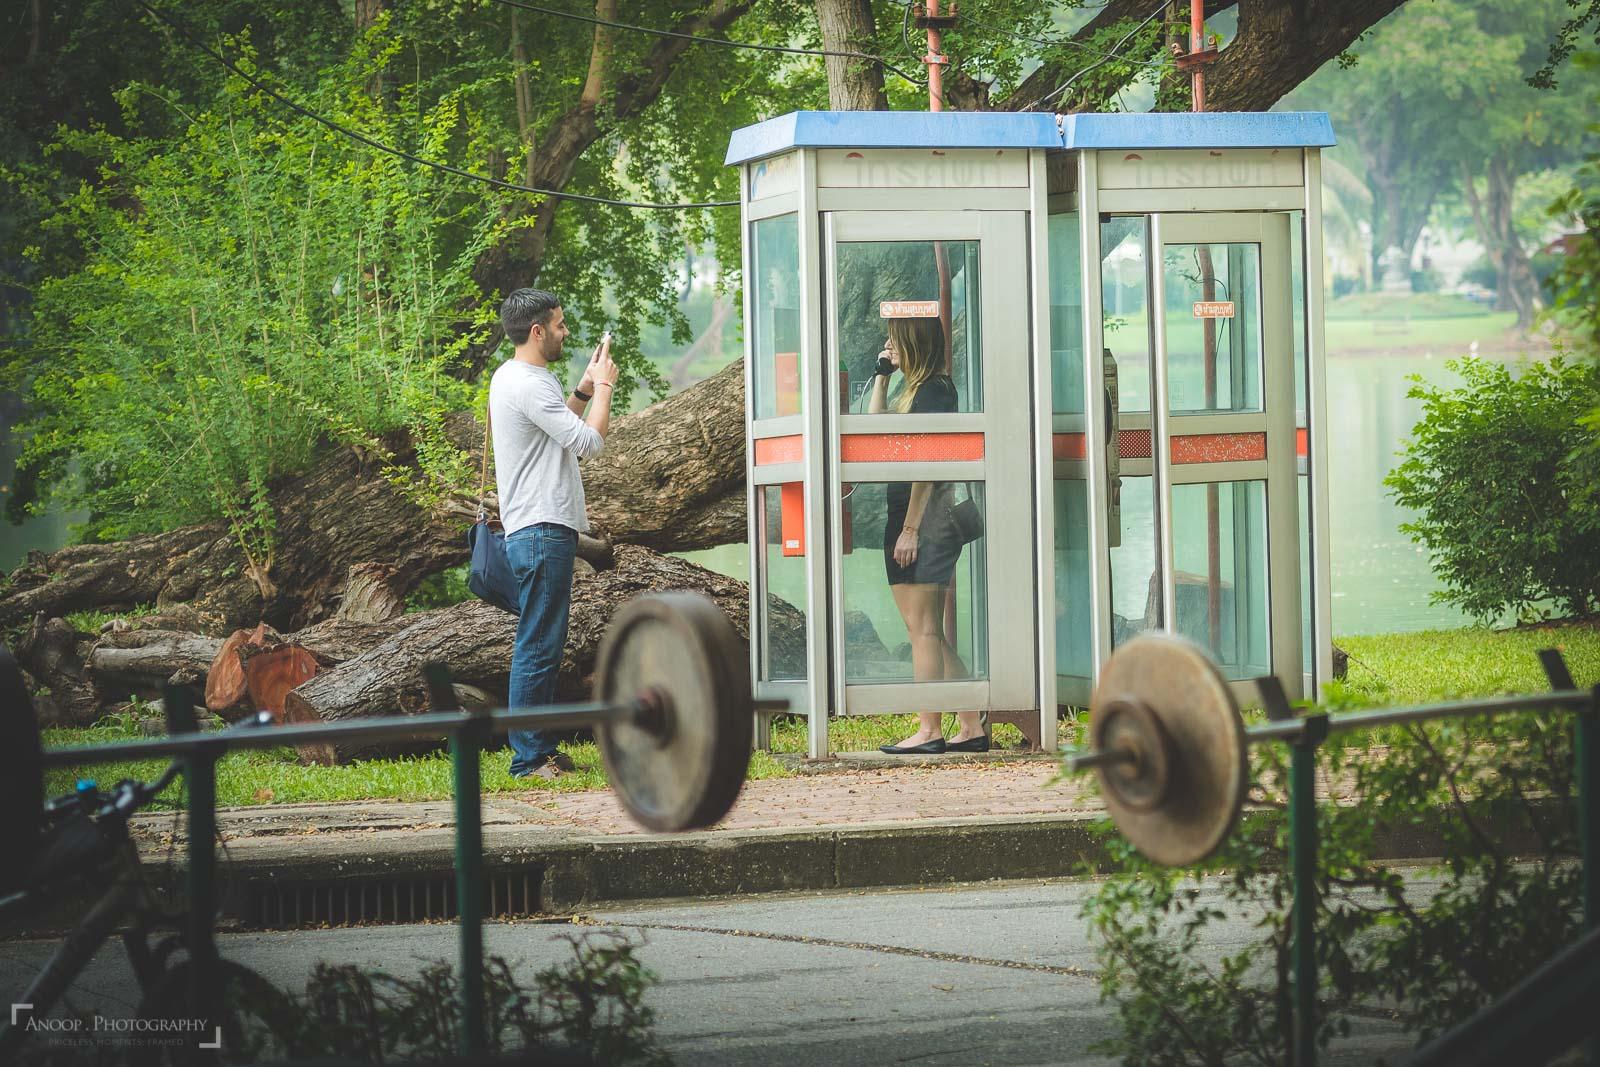 surprise-proposal-photography-thailand-engagement-proposal-ideas-photos6